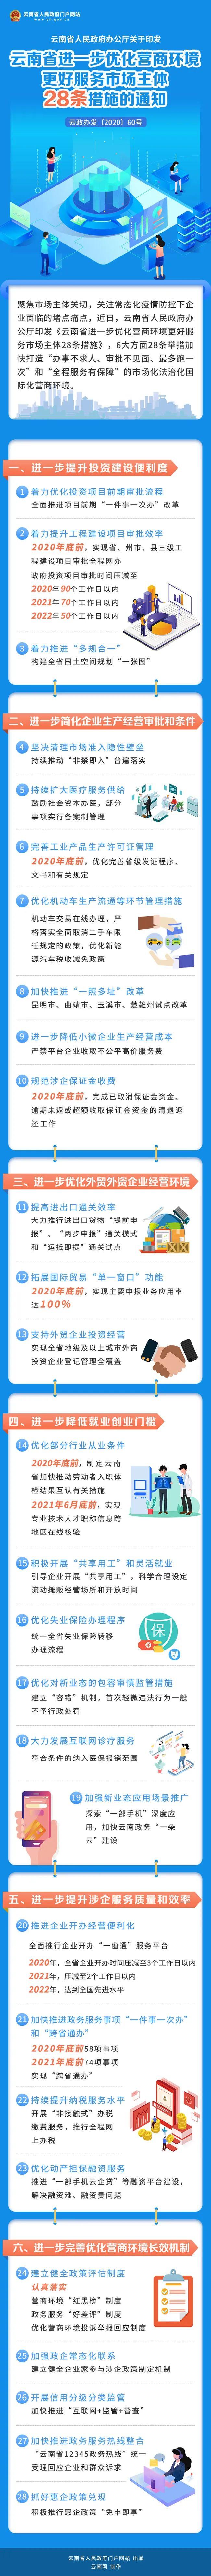 更方便了!云南出台28条措施进一步优化营商环境图片